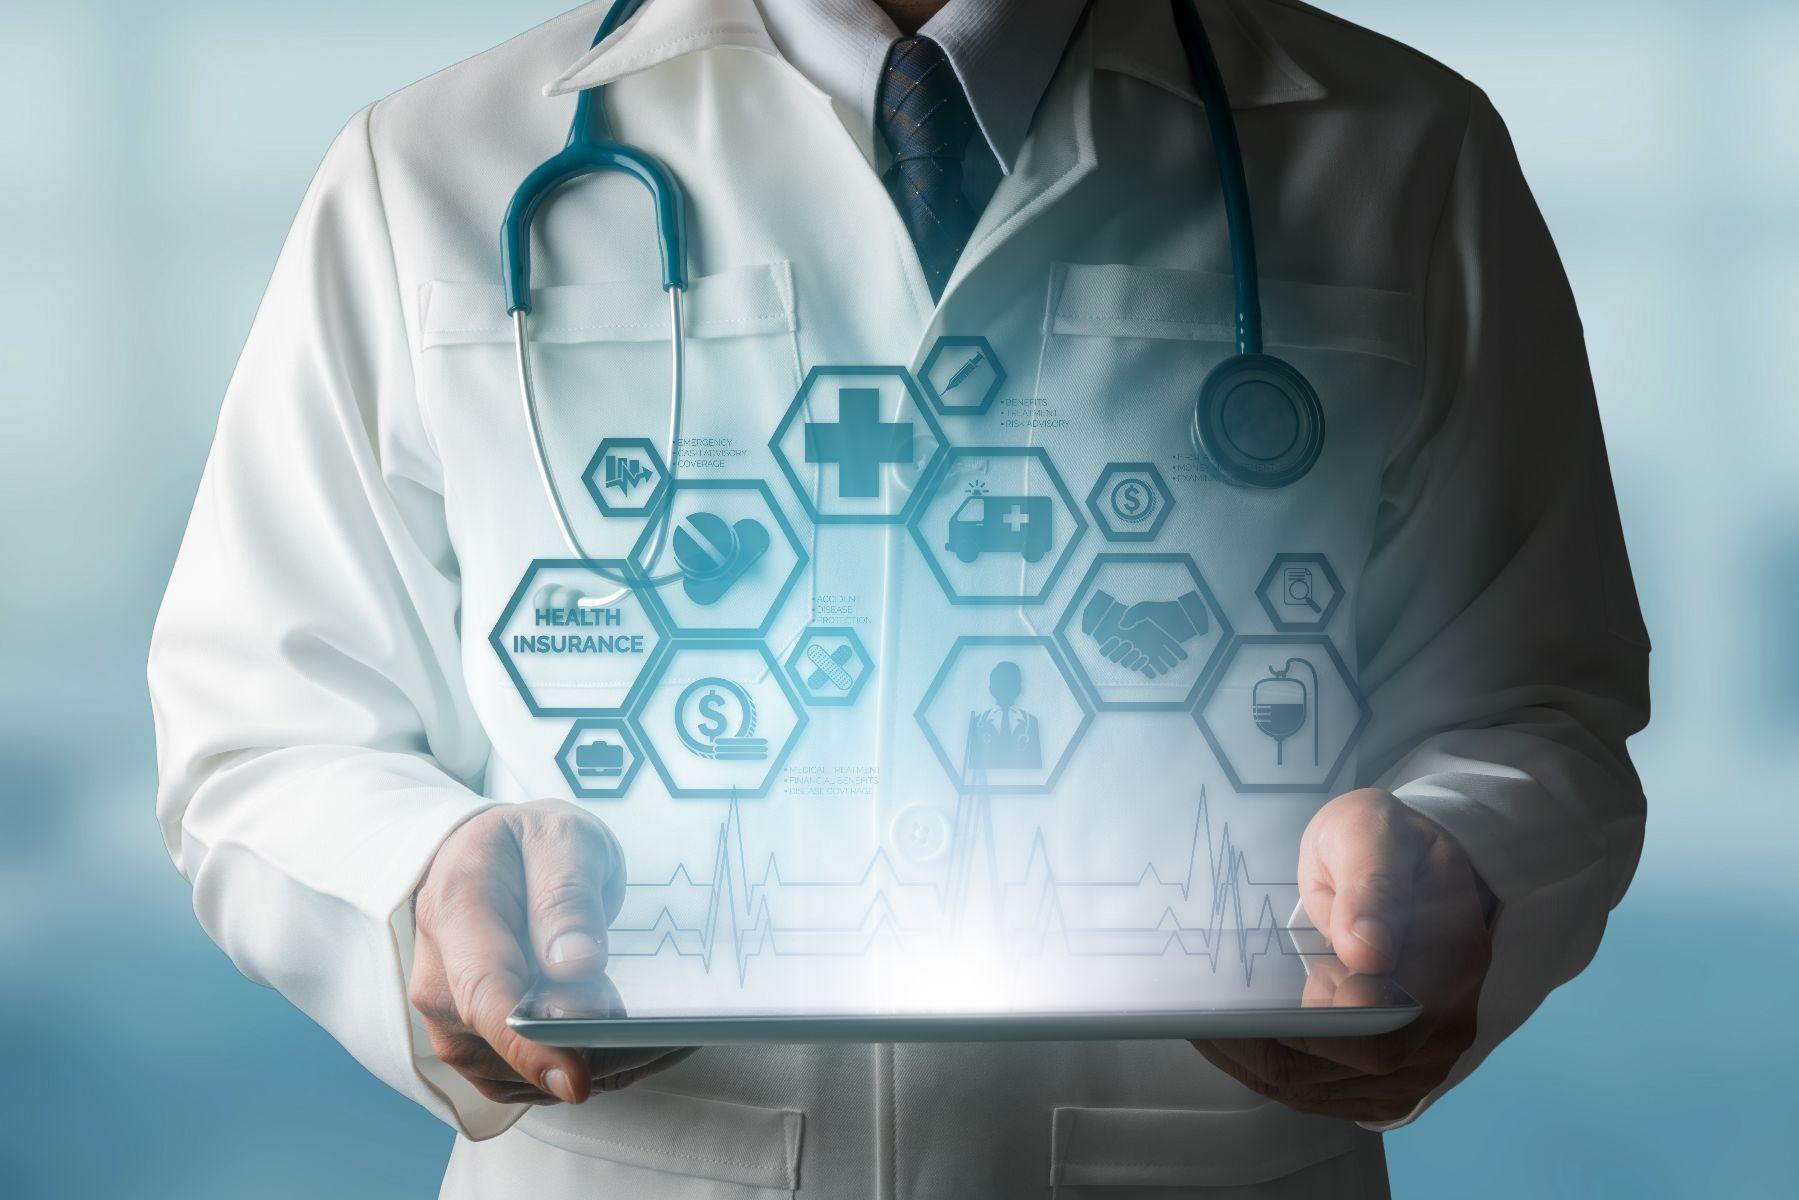 Medico sostiene una tableta con con diversos iconos de temas de salud